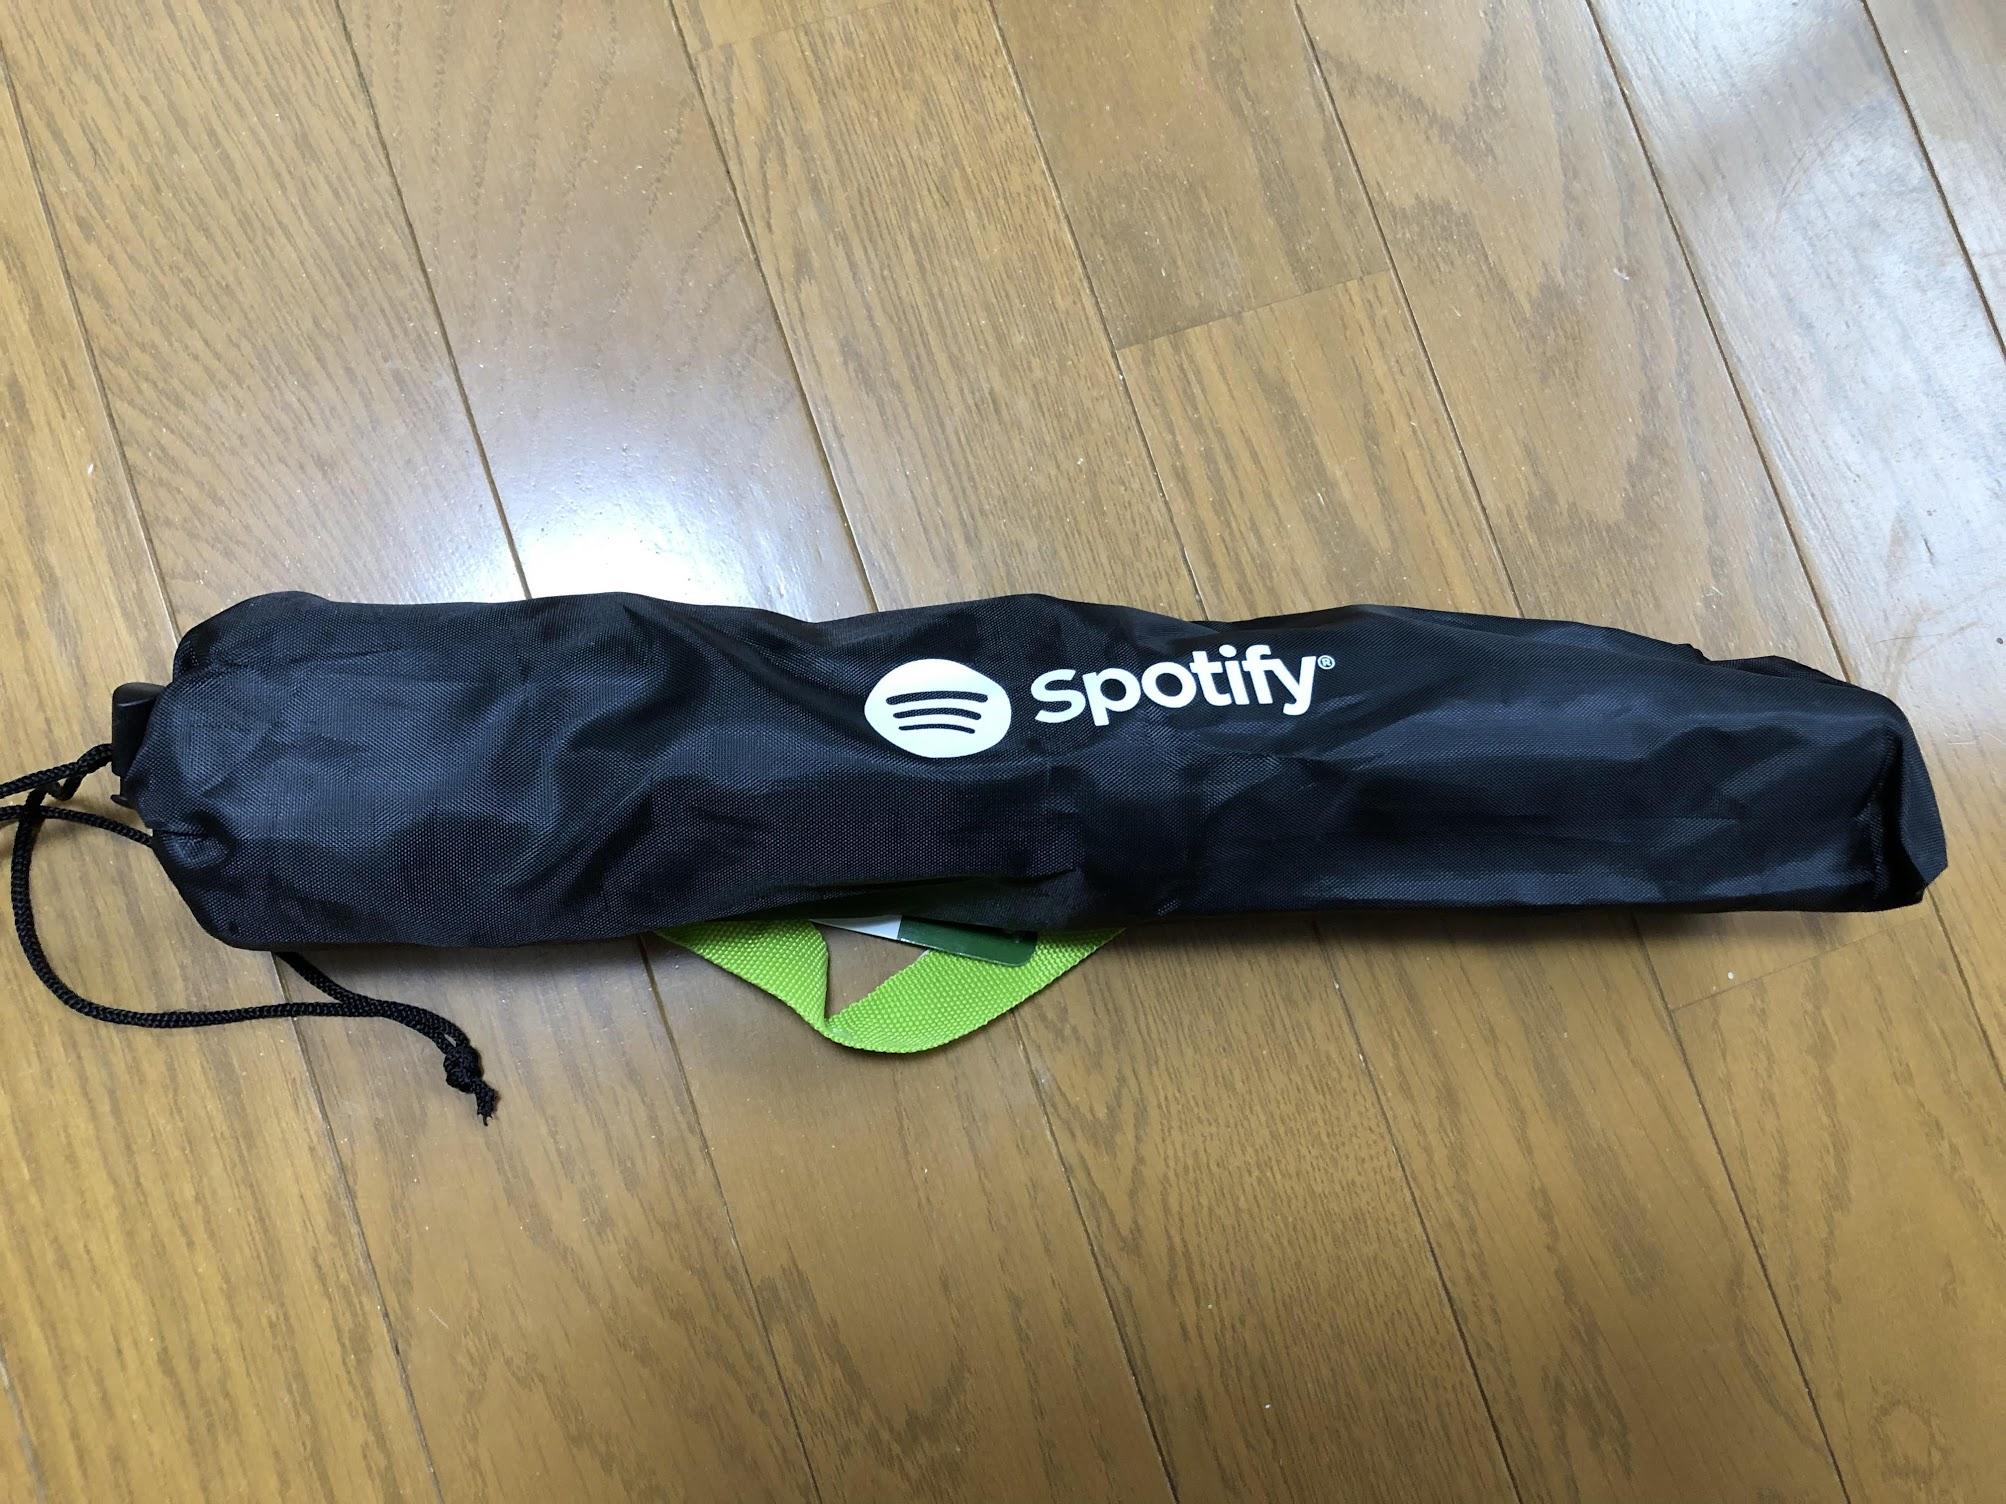 Spotify 三脚チェアー収納時